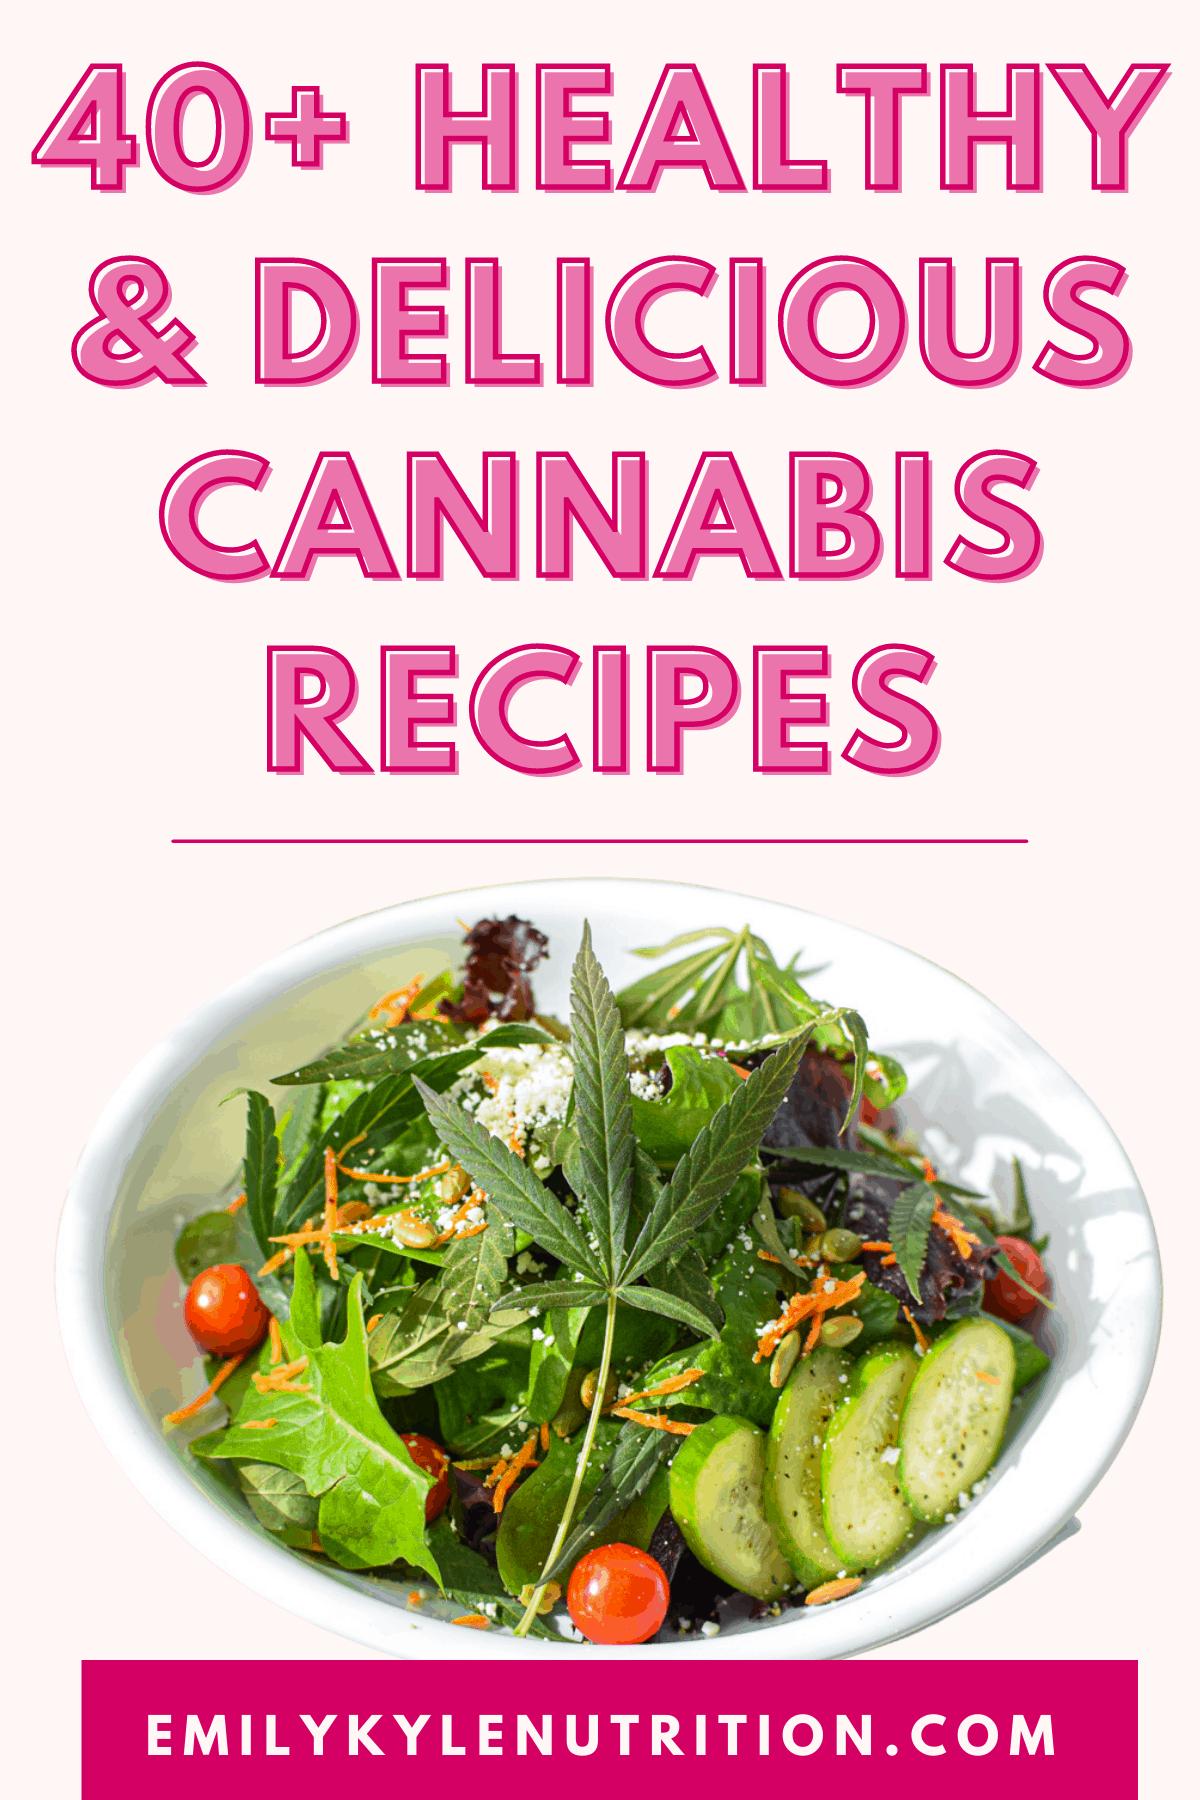 40+ Healthy & Delicious Cannabis Recipes